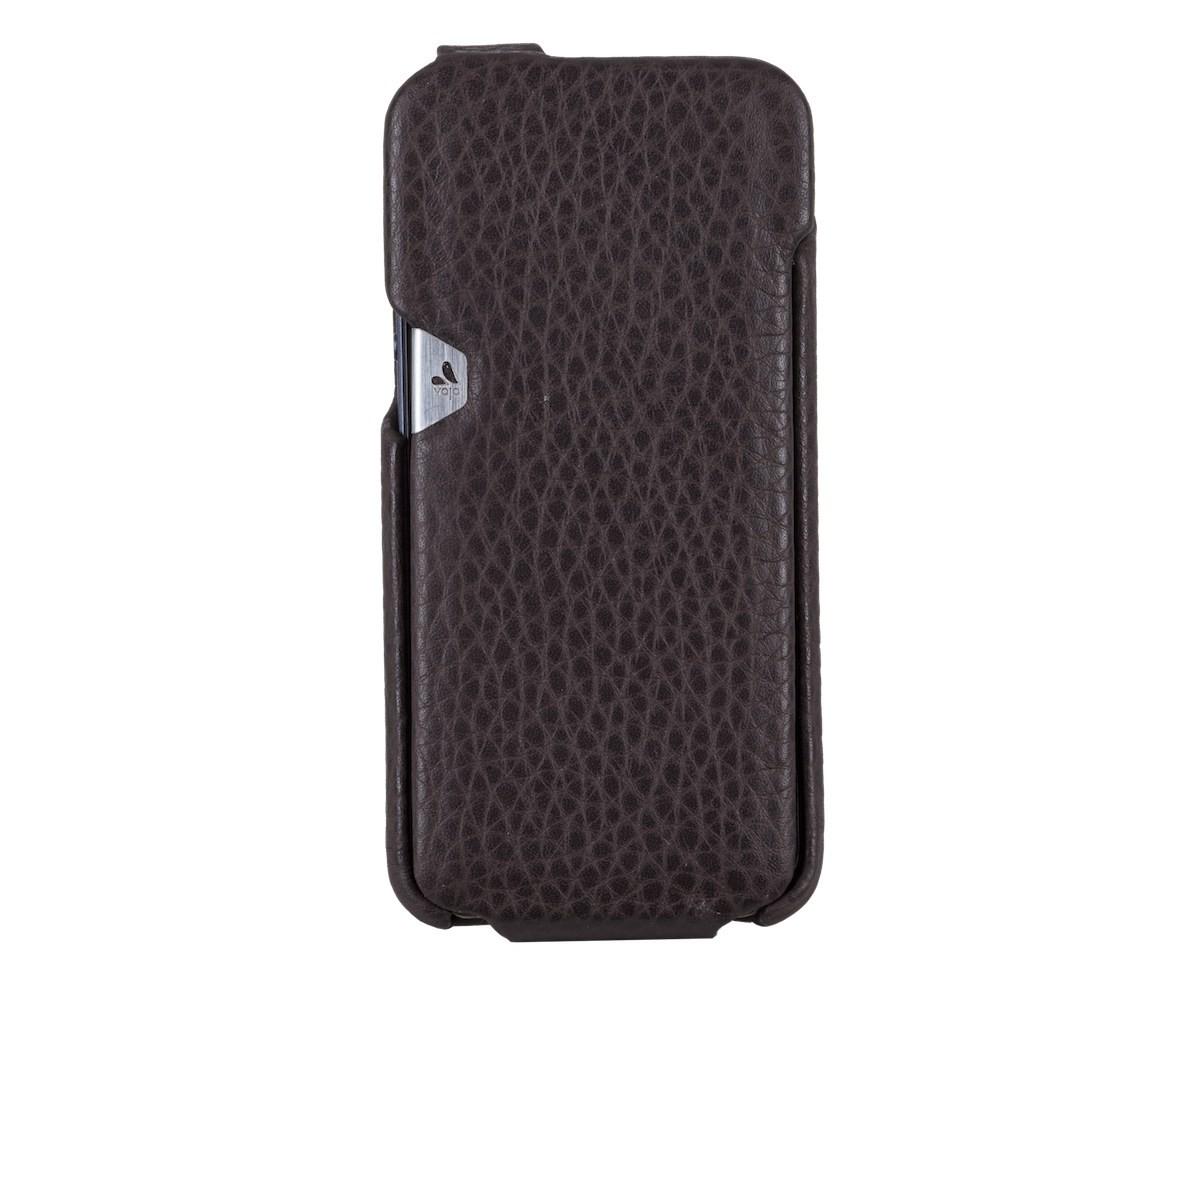 Тъмнокафяв кейс Vaja за Apple iPhone 5/5s от естествена кожа